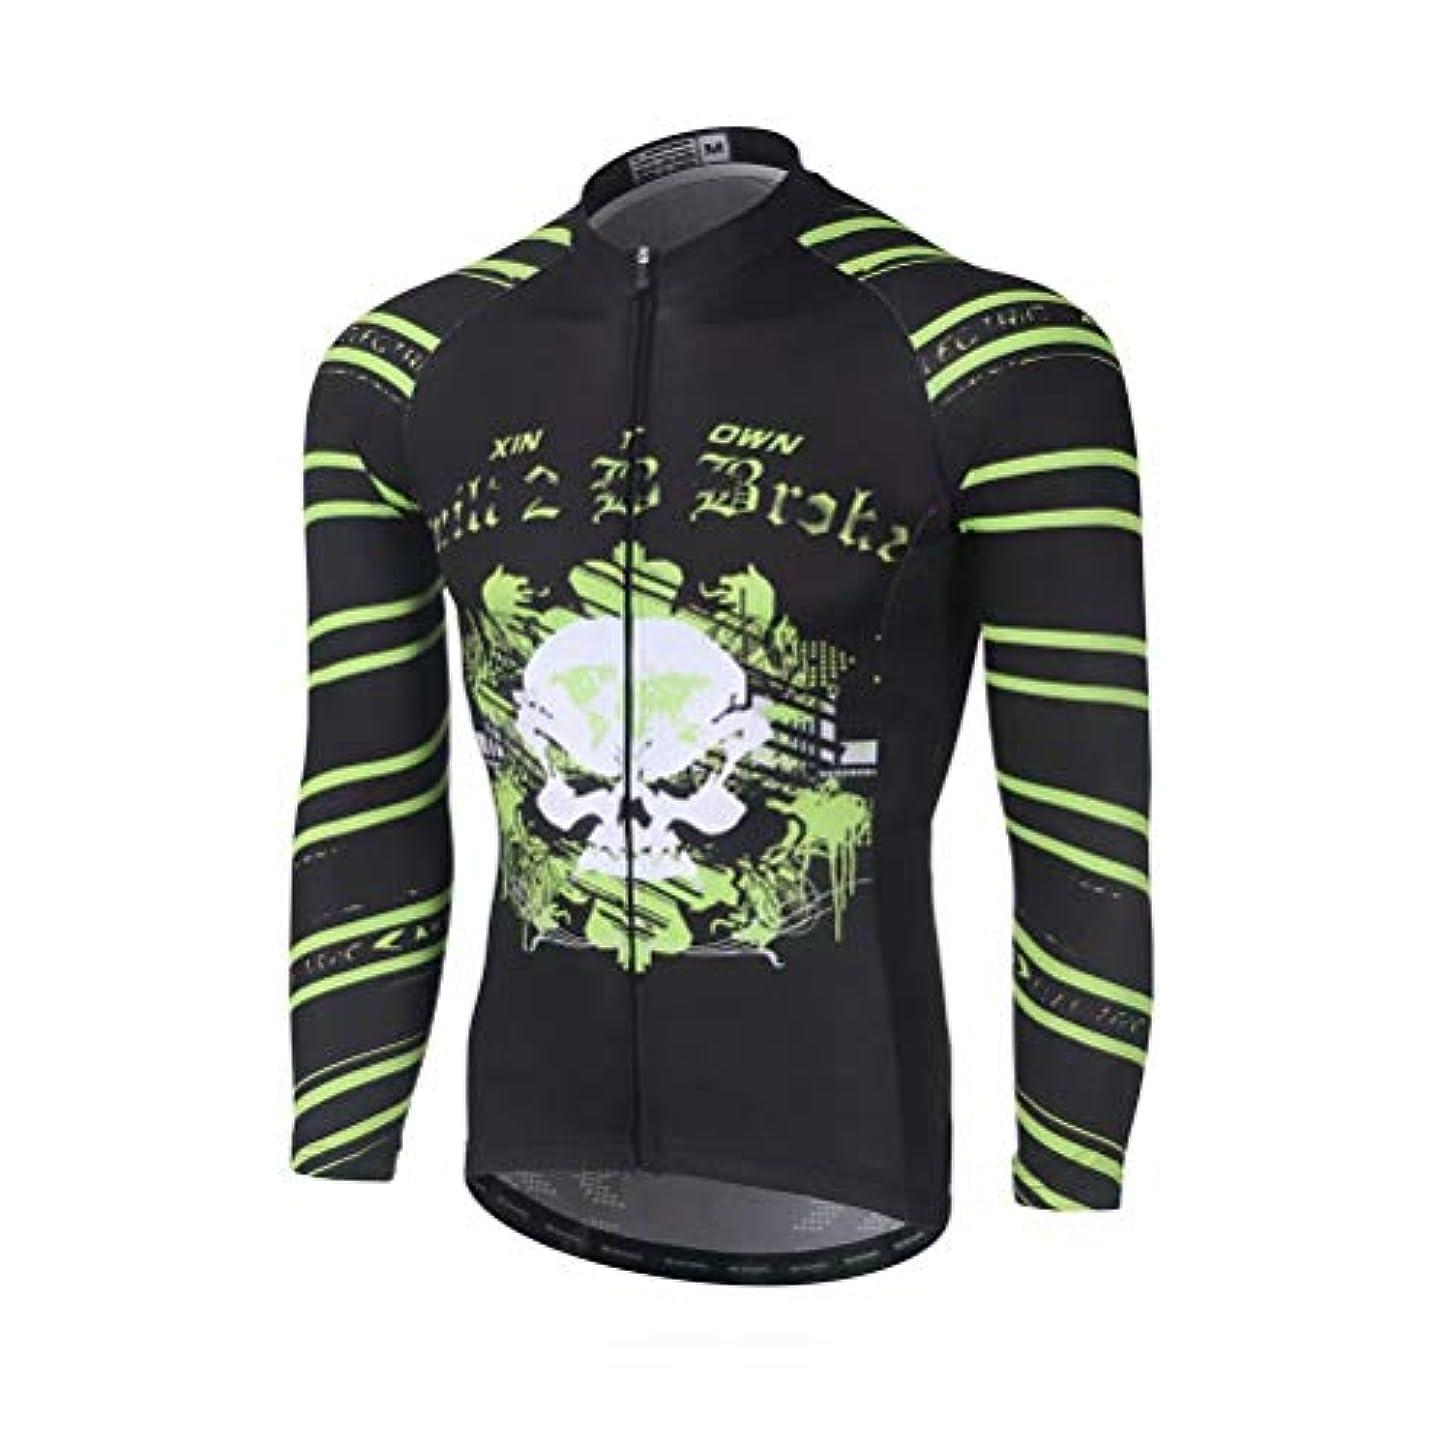 エンドテーブル滅びる虐待Tenflow メンズ 長袖サイクルジャージ 上下セット サイクルウェア 自転車ウェア サイクリング スポーツウェア 吸汗速乾 日よけ 髑髏柄 xhyd-long-lkl